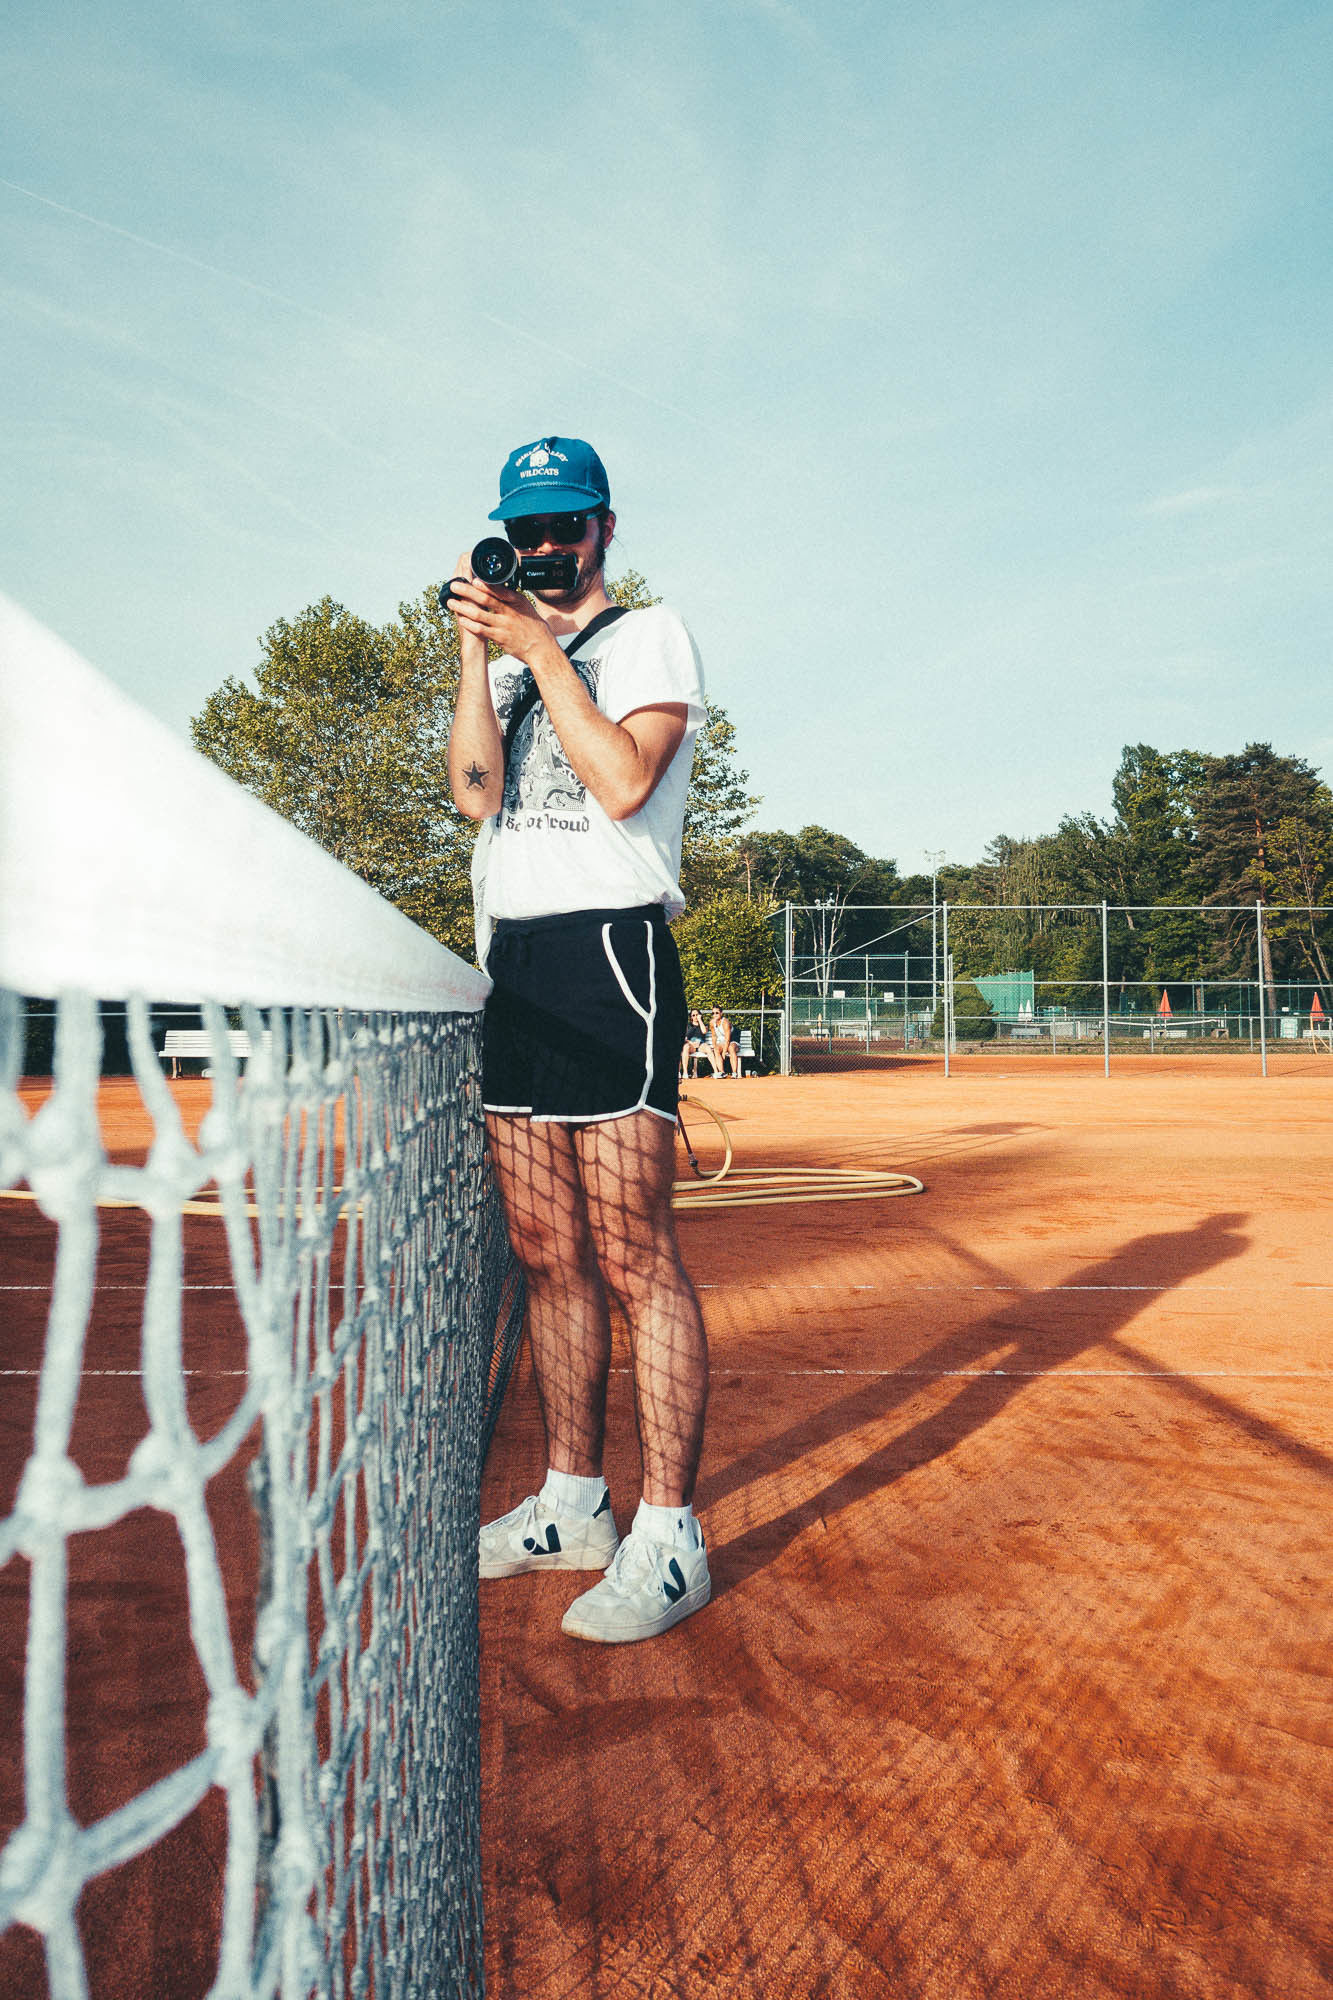 BÜCHSEN OPEN (HARD COURT VIBES) by Florian SCHÜPPEL c/o MARLENE OHLSSON PHOTOGRAPHERS